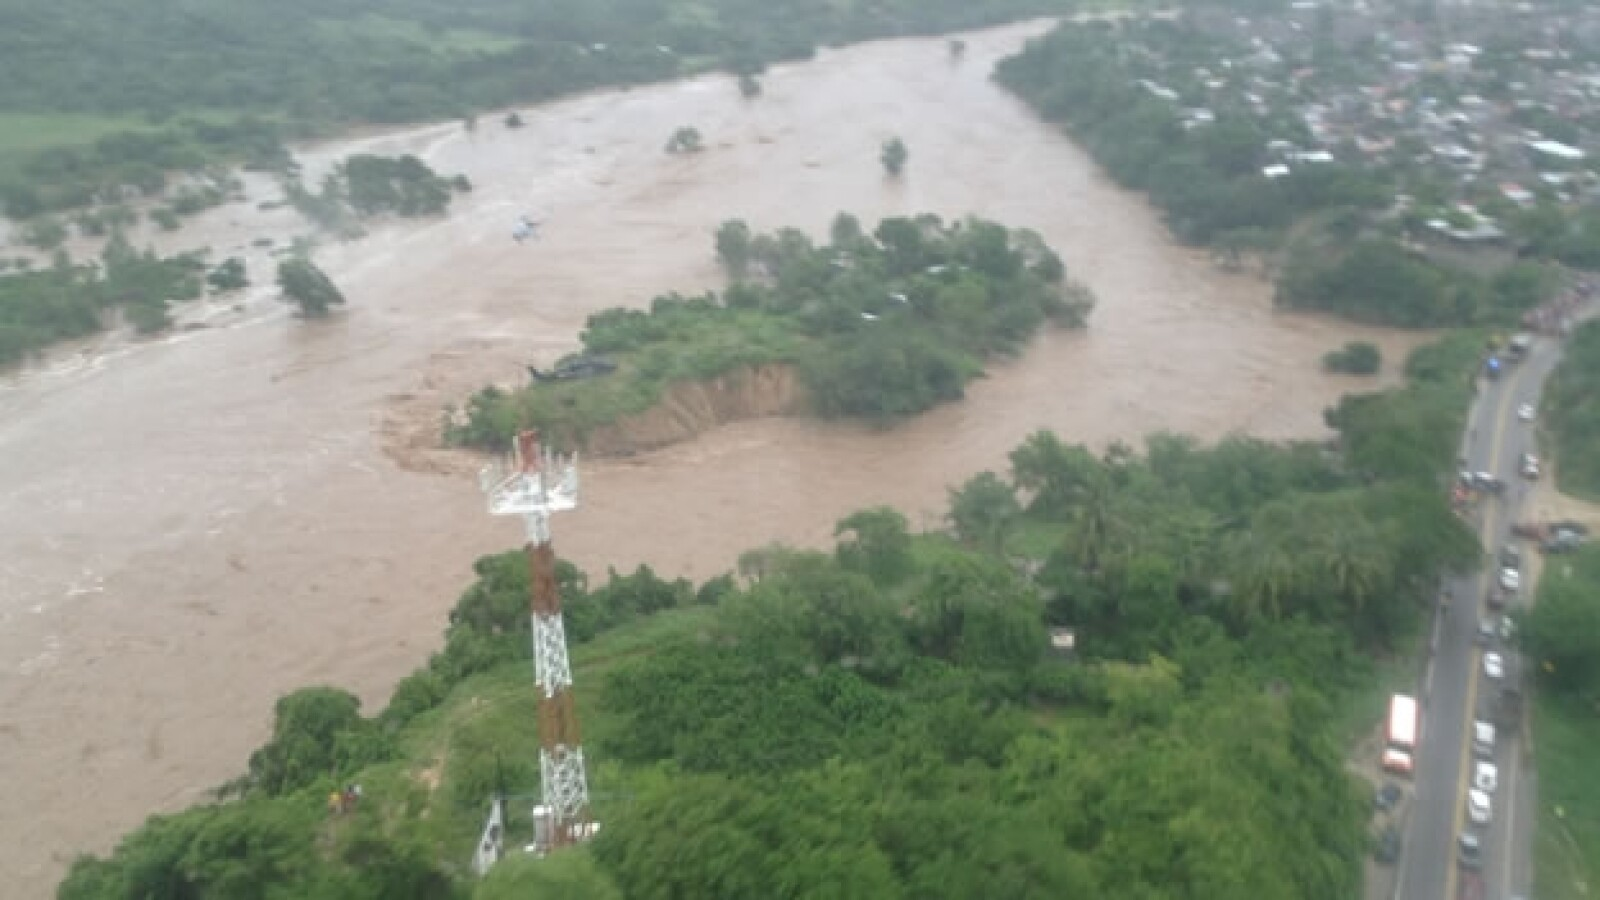 lluvia, tormenta, danmificado, inundaciones, manuel